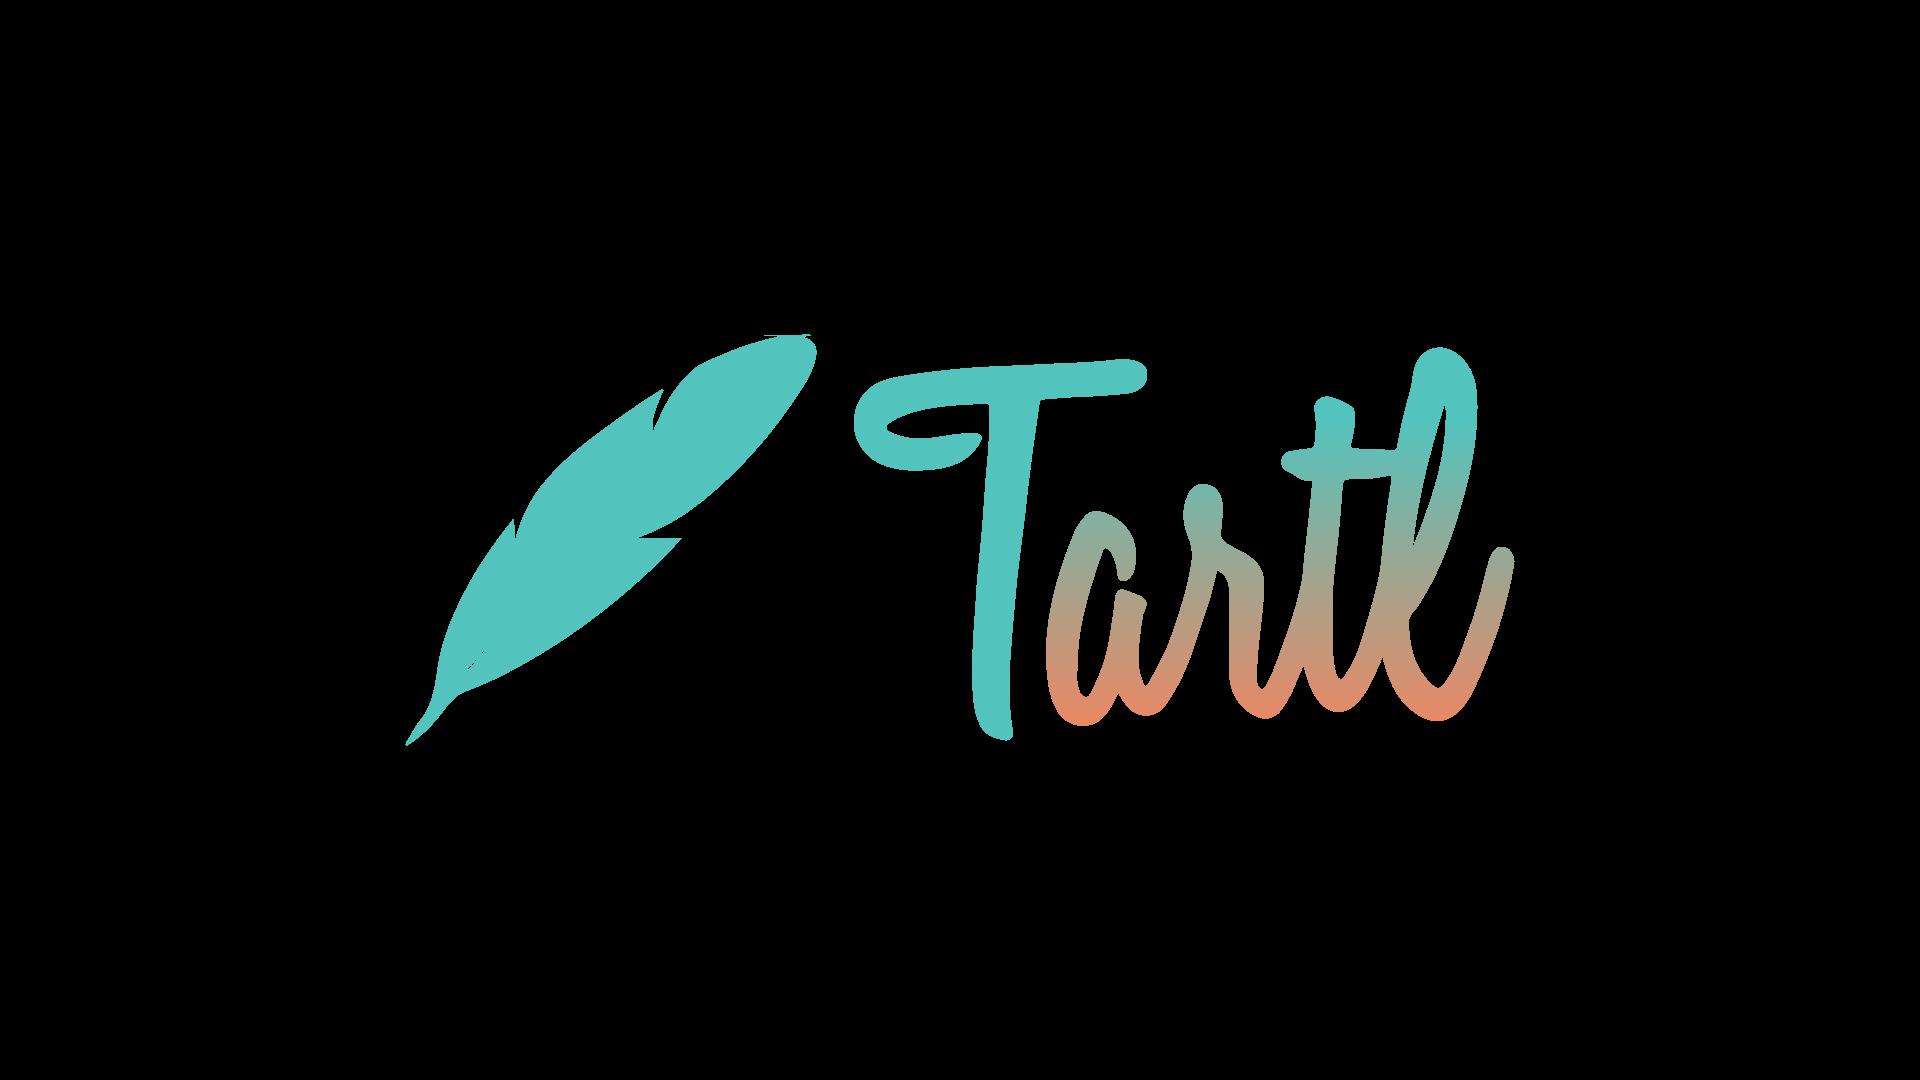 Tartl Tales